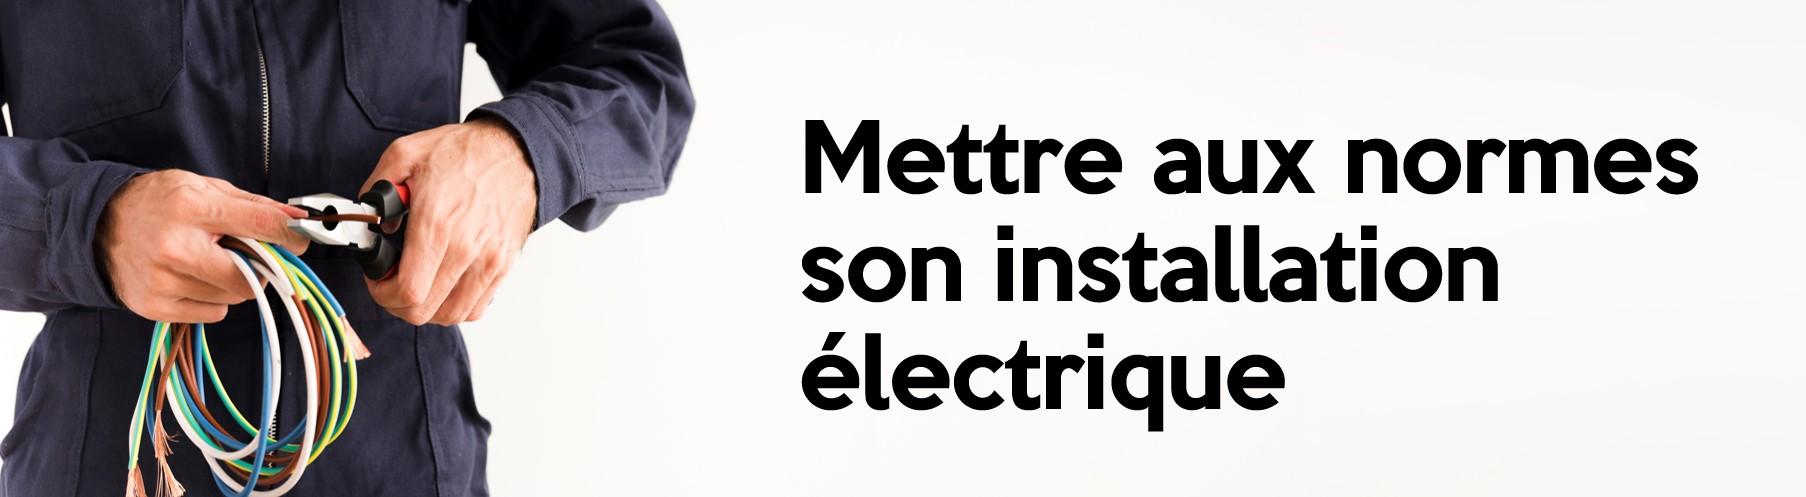 Mettre aux normes son installation électrique